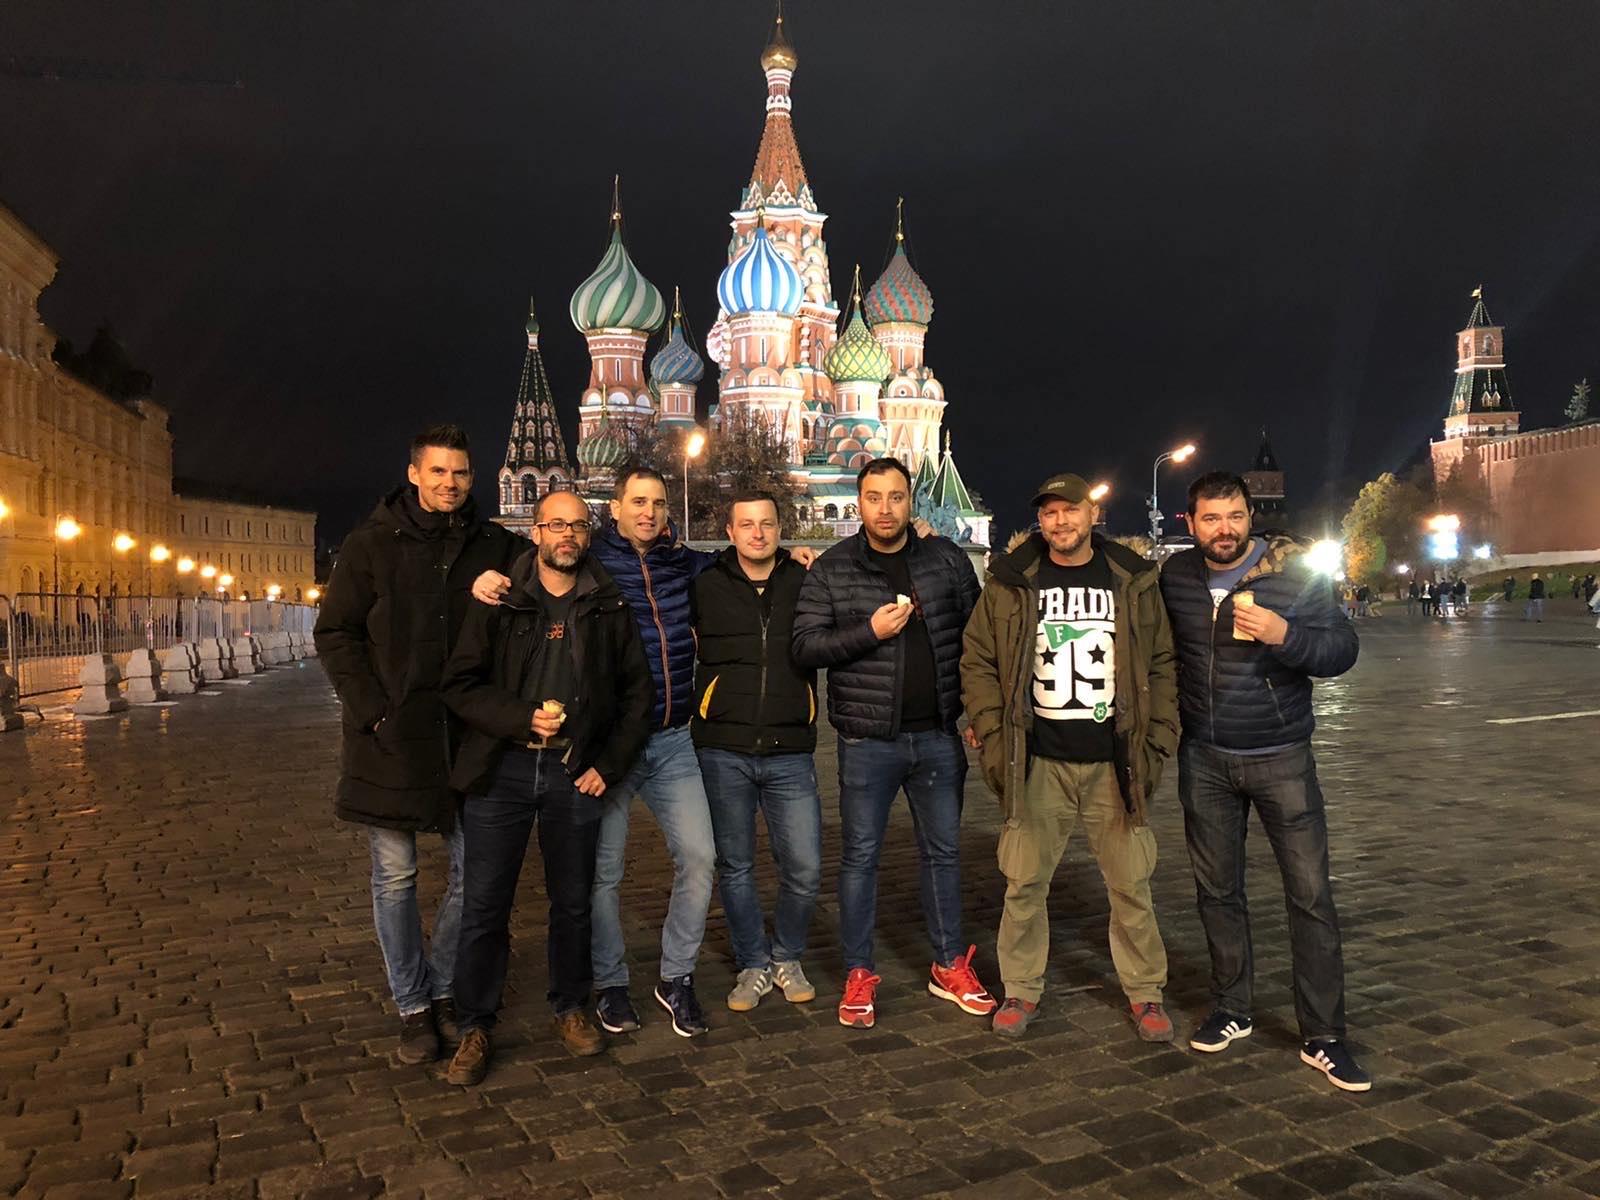 Ft randevú Oroszország